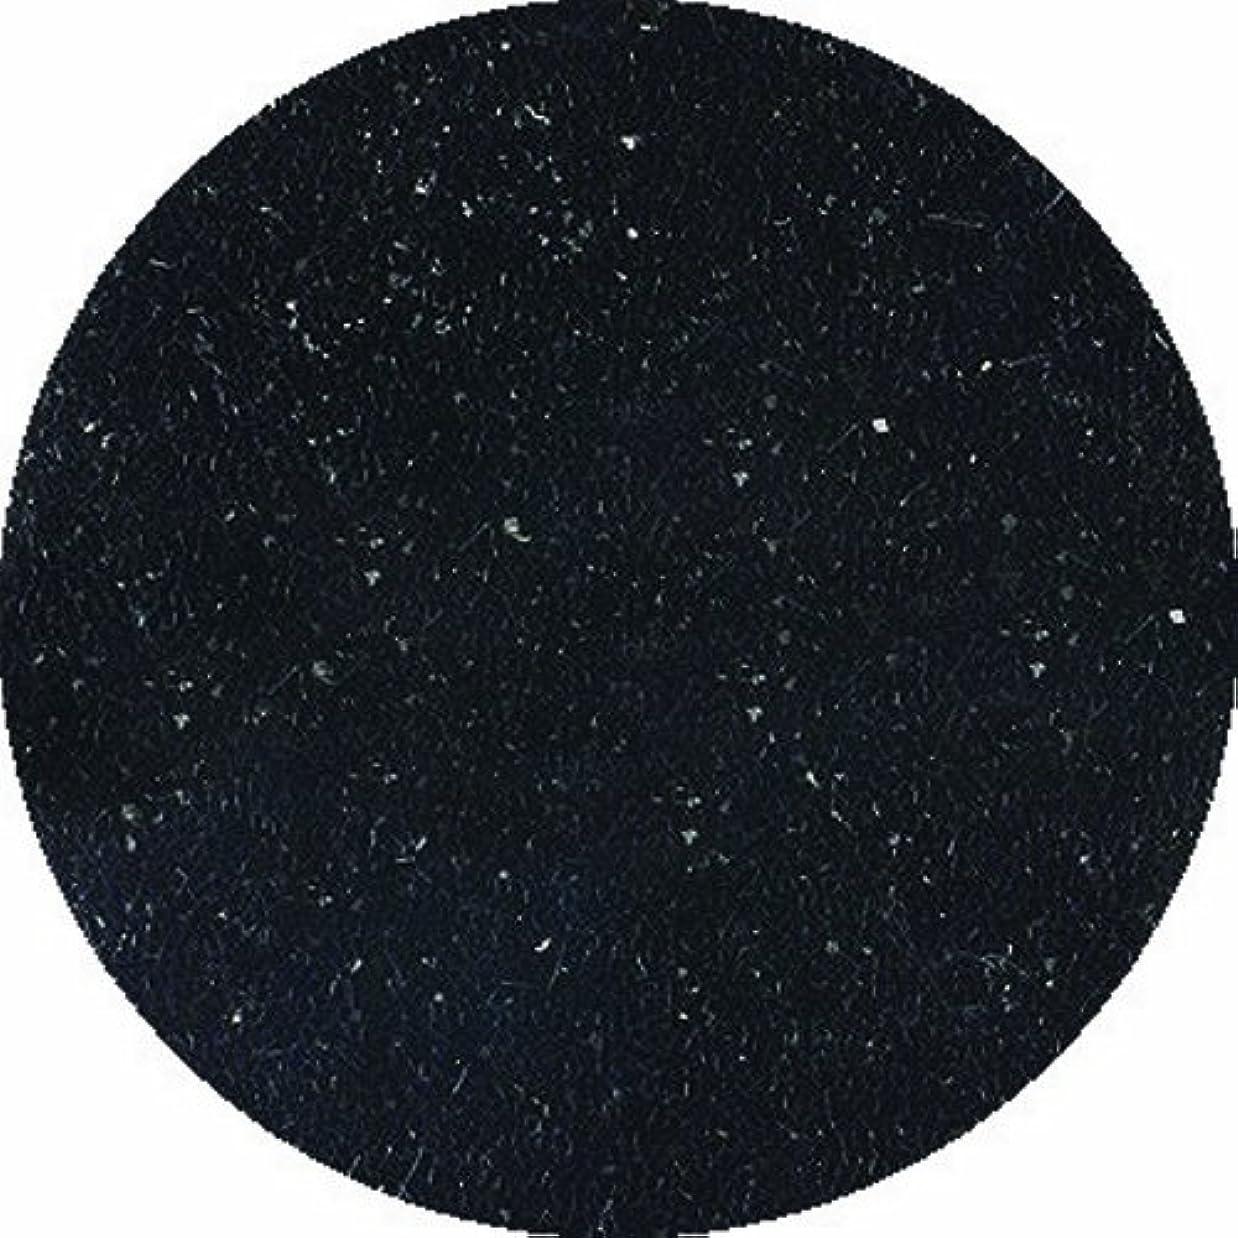 約束するお風呂高度ビューティーネイラー ネイル用パウダー 黒崎えり子 ジュエリーコレクション ブラック0.05mm